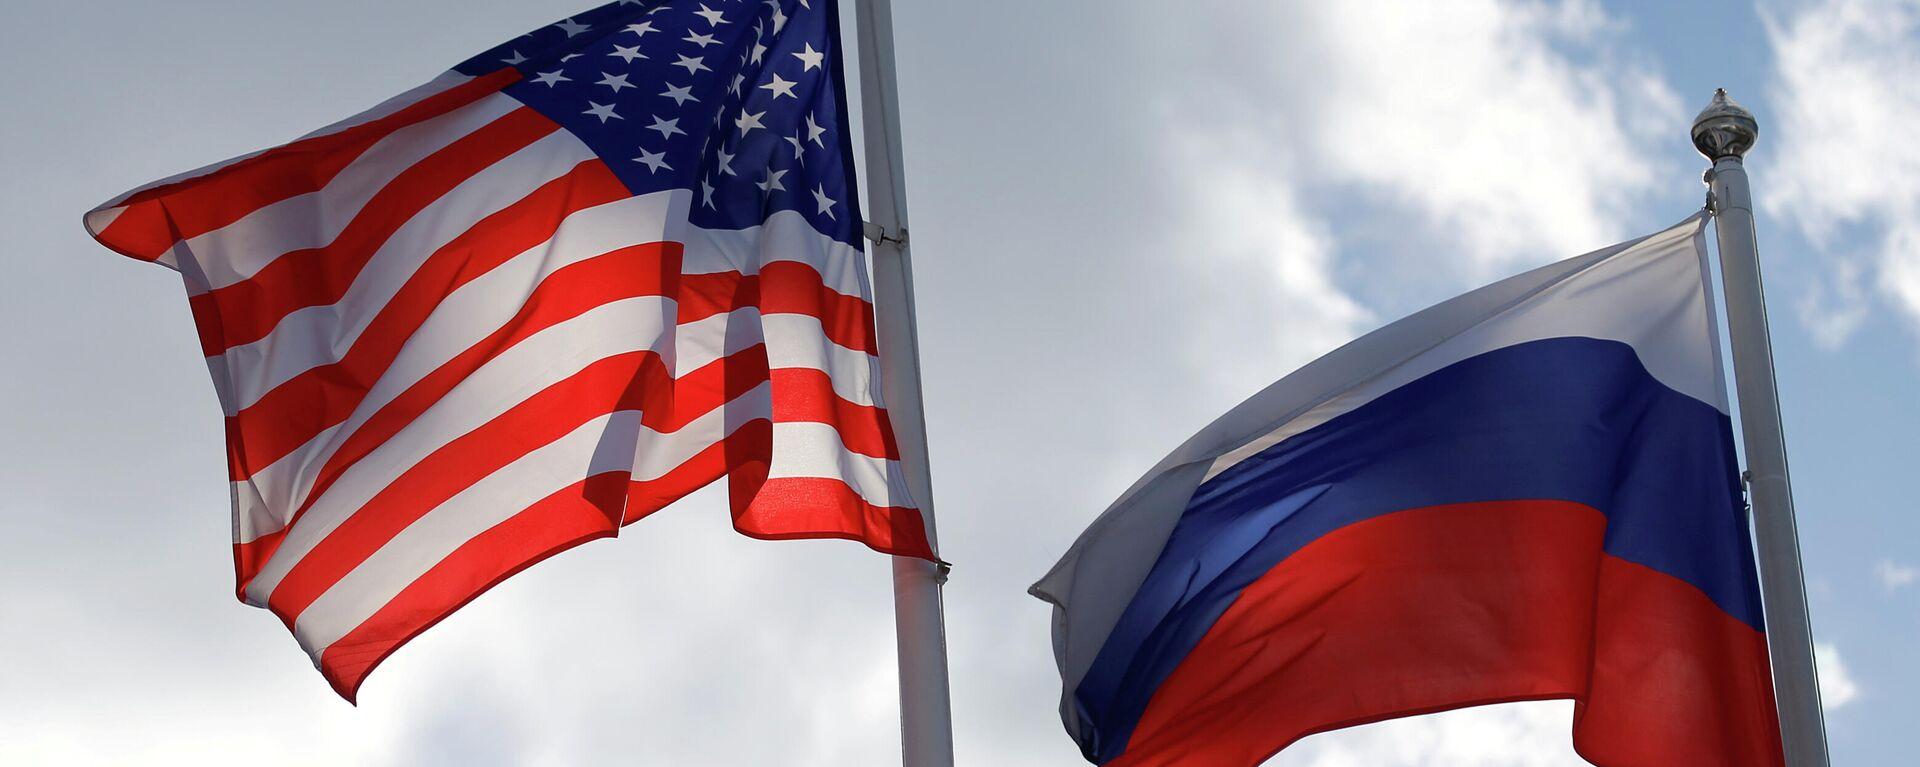 Banderas de EEUU y Rusia - Sputnik Mundo, 1920, 28.04.2021